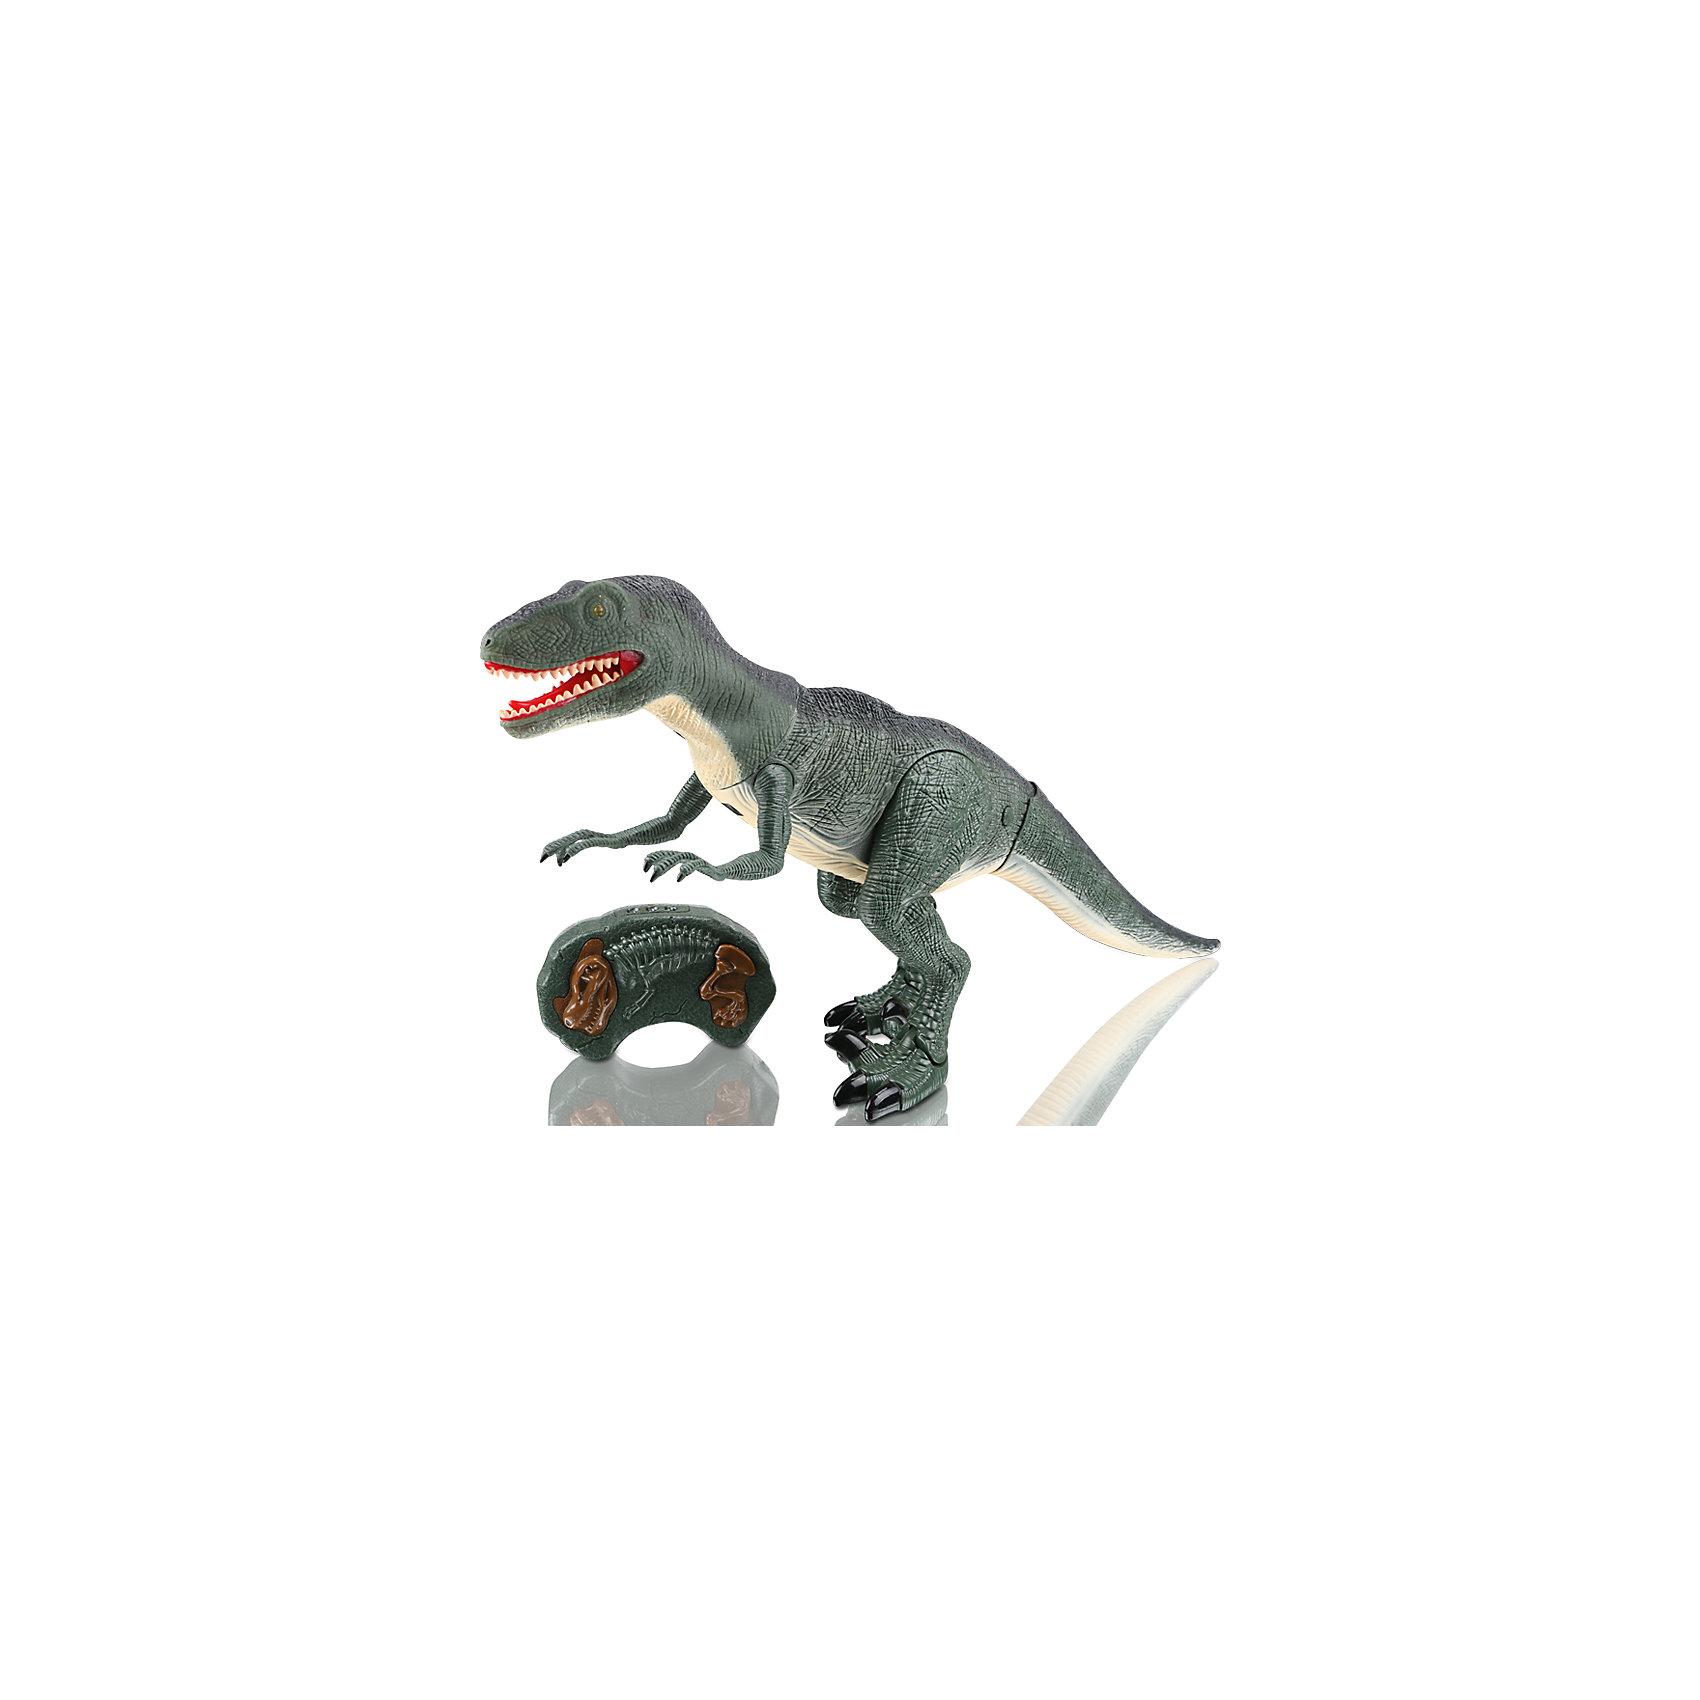 Динозавр на и/к управлении Древний хищник, Mioshi ActiveИдеи подарков<br>Характеристики товара:<br><br>• возраст от 3 лет;<br>• материал: пластик;<br>• в комплекте: динозавр, пульт;<br>• игрушка работает от батареек (в комплект не входят);<br>• высота динозавра 47 см;<br>• размер упаковки 51х31х12 см;<br>• вес упаковки 1,45 кг;<br>• страна производитель: Китай.<br><br>Динозавр «Древний хищник» Mioshi Active — игрушка, которая управляется при помощи пульта управления. Динозавр двигается, вертит головой и издает грозное рычание. При включении у него загораются глаза. Игрушка выполнена из качественного прочного материала. <br><br>Динозавра «Древний хищник» Mioshi Active можно приобрести в нашем интернет-магазине.<br><br>Ширина мм: 510<br>Глубина мм: 120<br>Высота мм: 310<br>Вес г: 1450<br>Возраст от месяцев: 36<br>Возраст до месяцев: 72<br>Пол: Унисекс<br>Возраст: Детский<br>SKU: 5581248